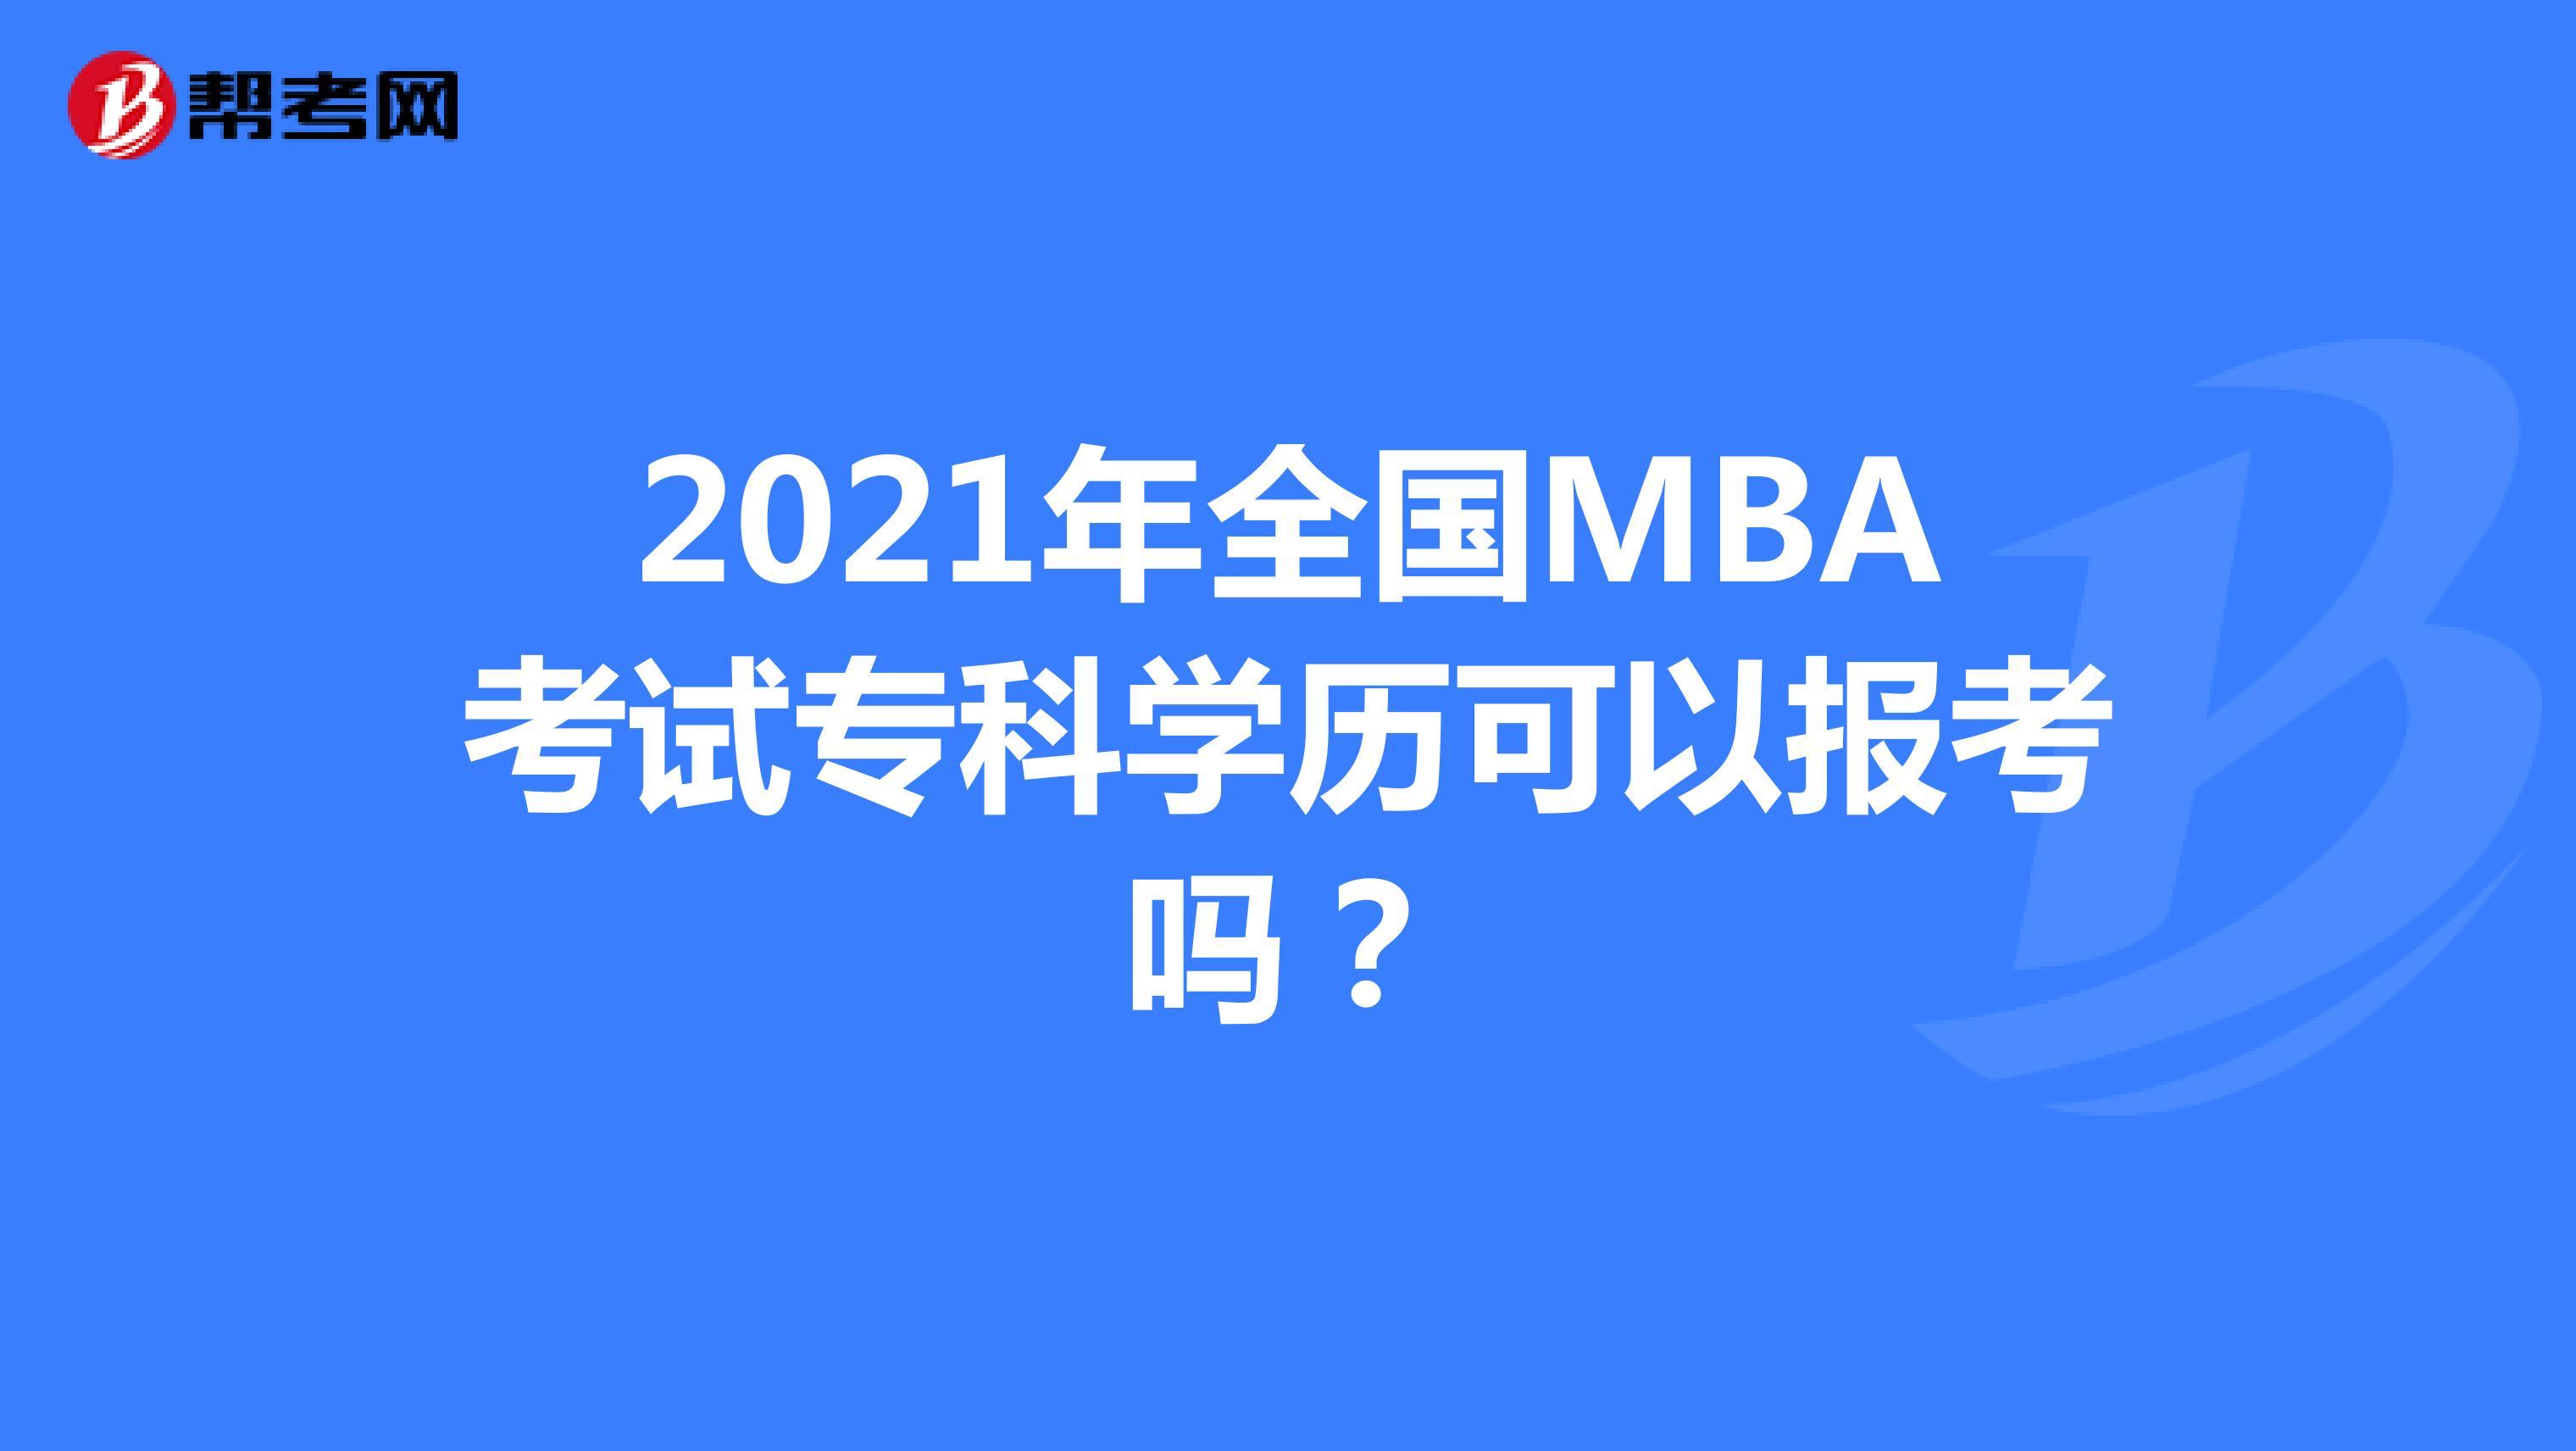 2021年全国MBA考试专科学历可以报考吗?